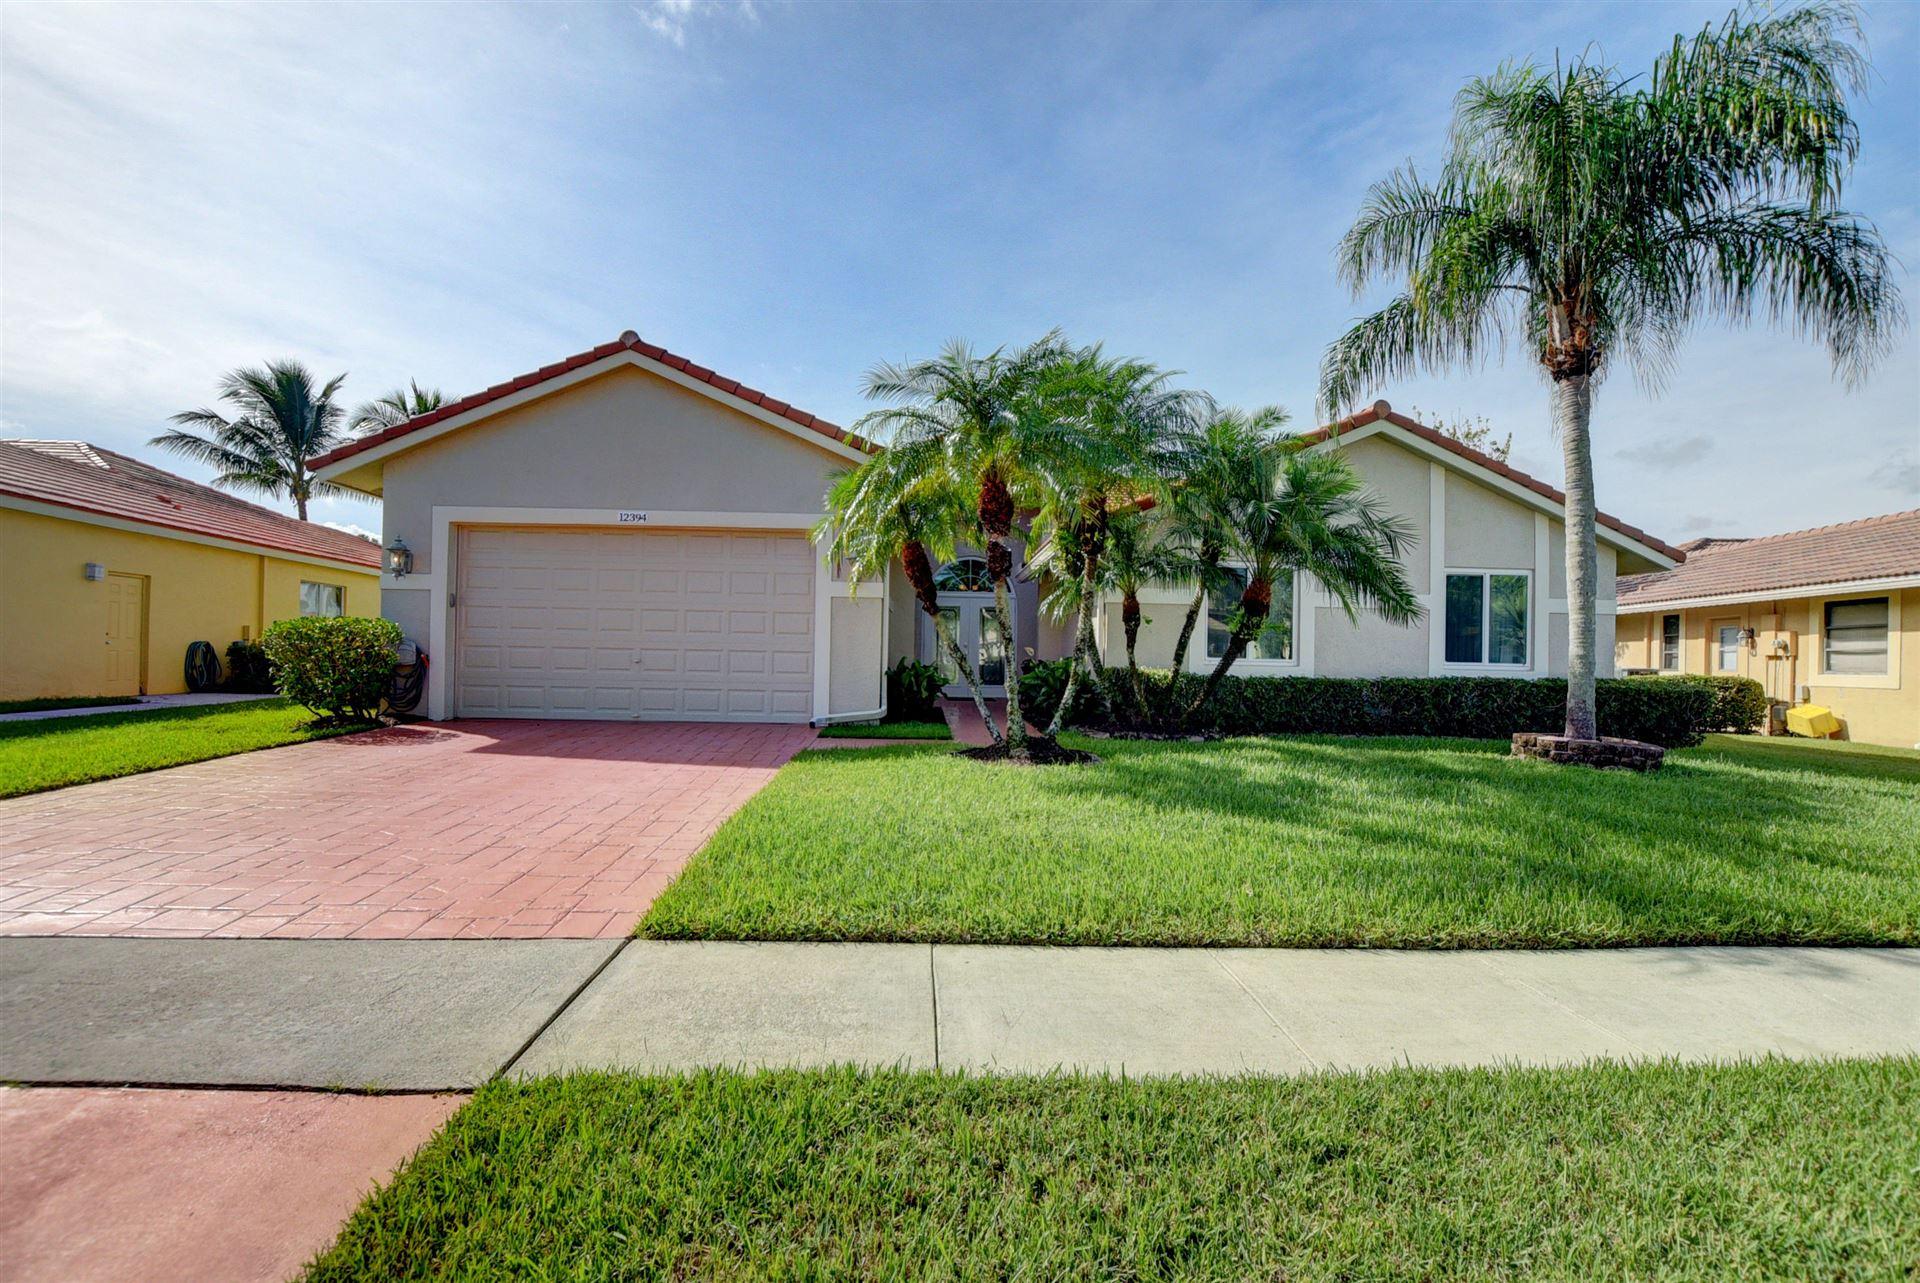 12394 Baywind Court, Boca Raton, FL 33428 - #: RX-10655044